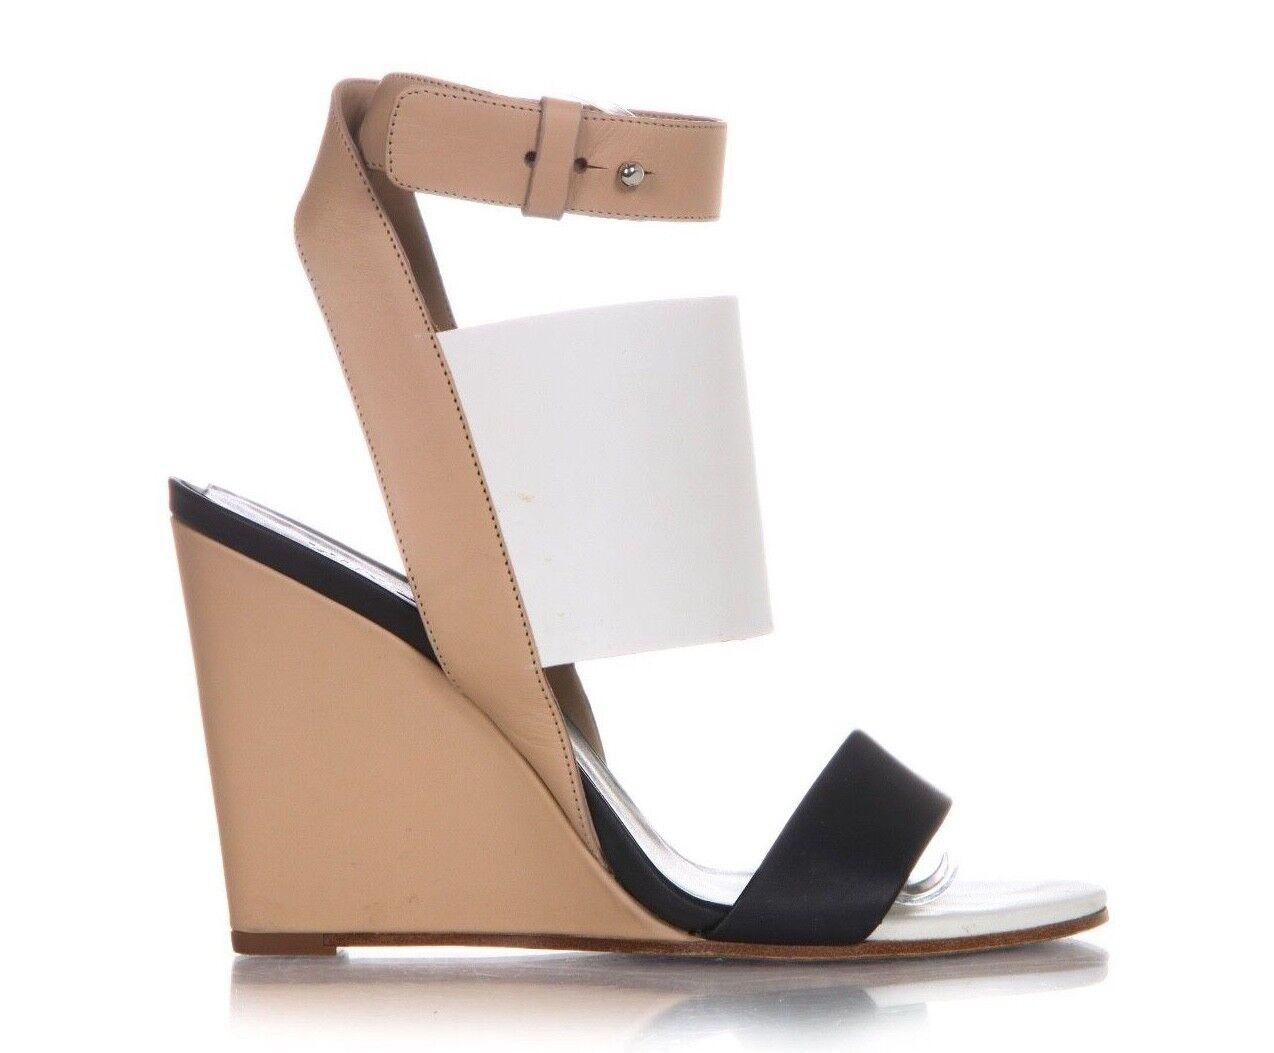 Vince Cuña Tacón US 7 7 7 EU 37.5 Piel Marrón blancoo Negro Cuero Sandalias De Tobillo  punto de venta de la marca